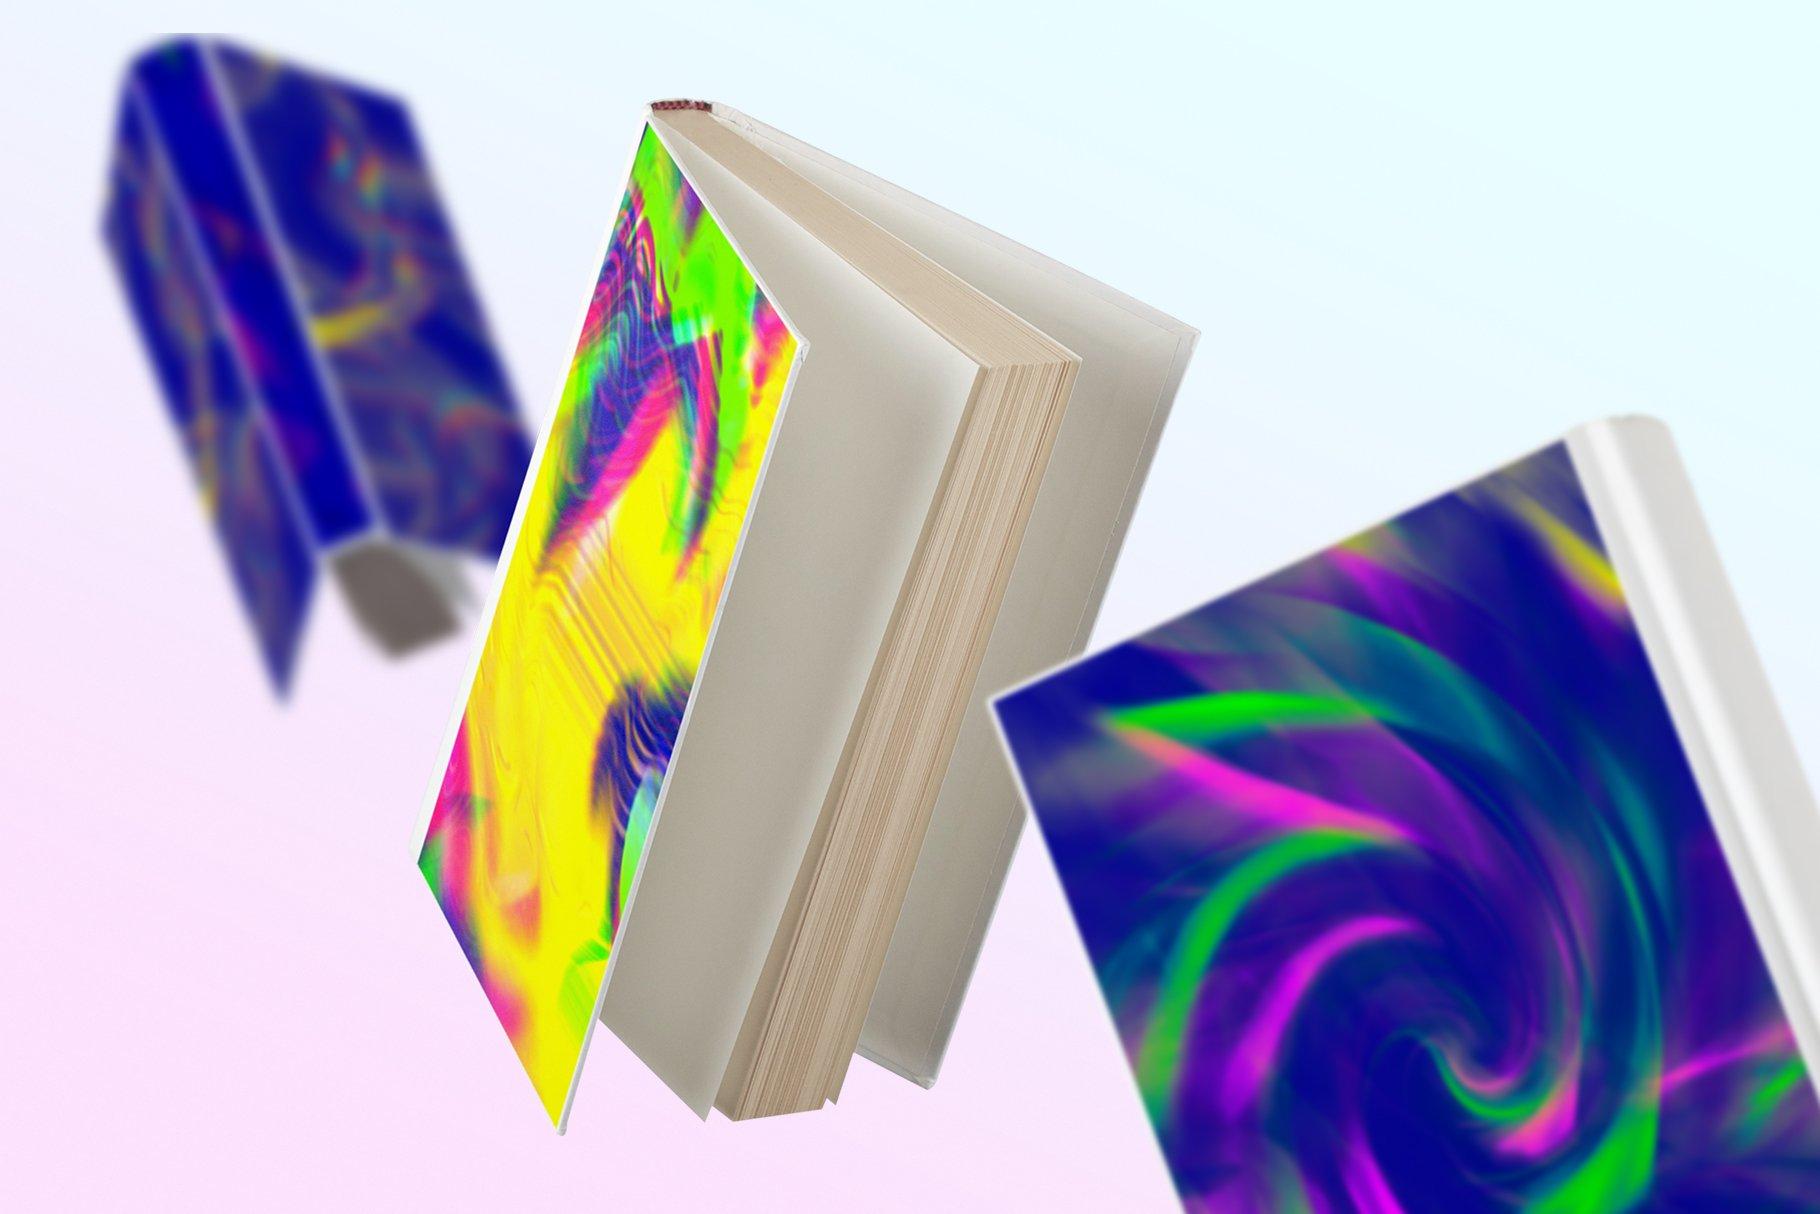 [单独购买] 90款潮流抽象炫彩故障扭曲噪点颗粒纹理海报设计背景图片素材 Experimental Abstract Textures插图7